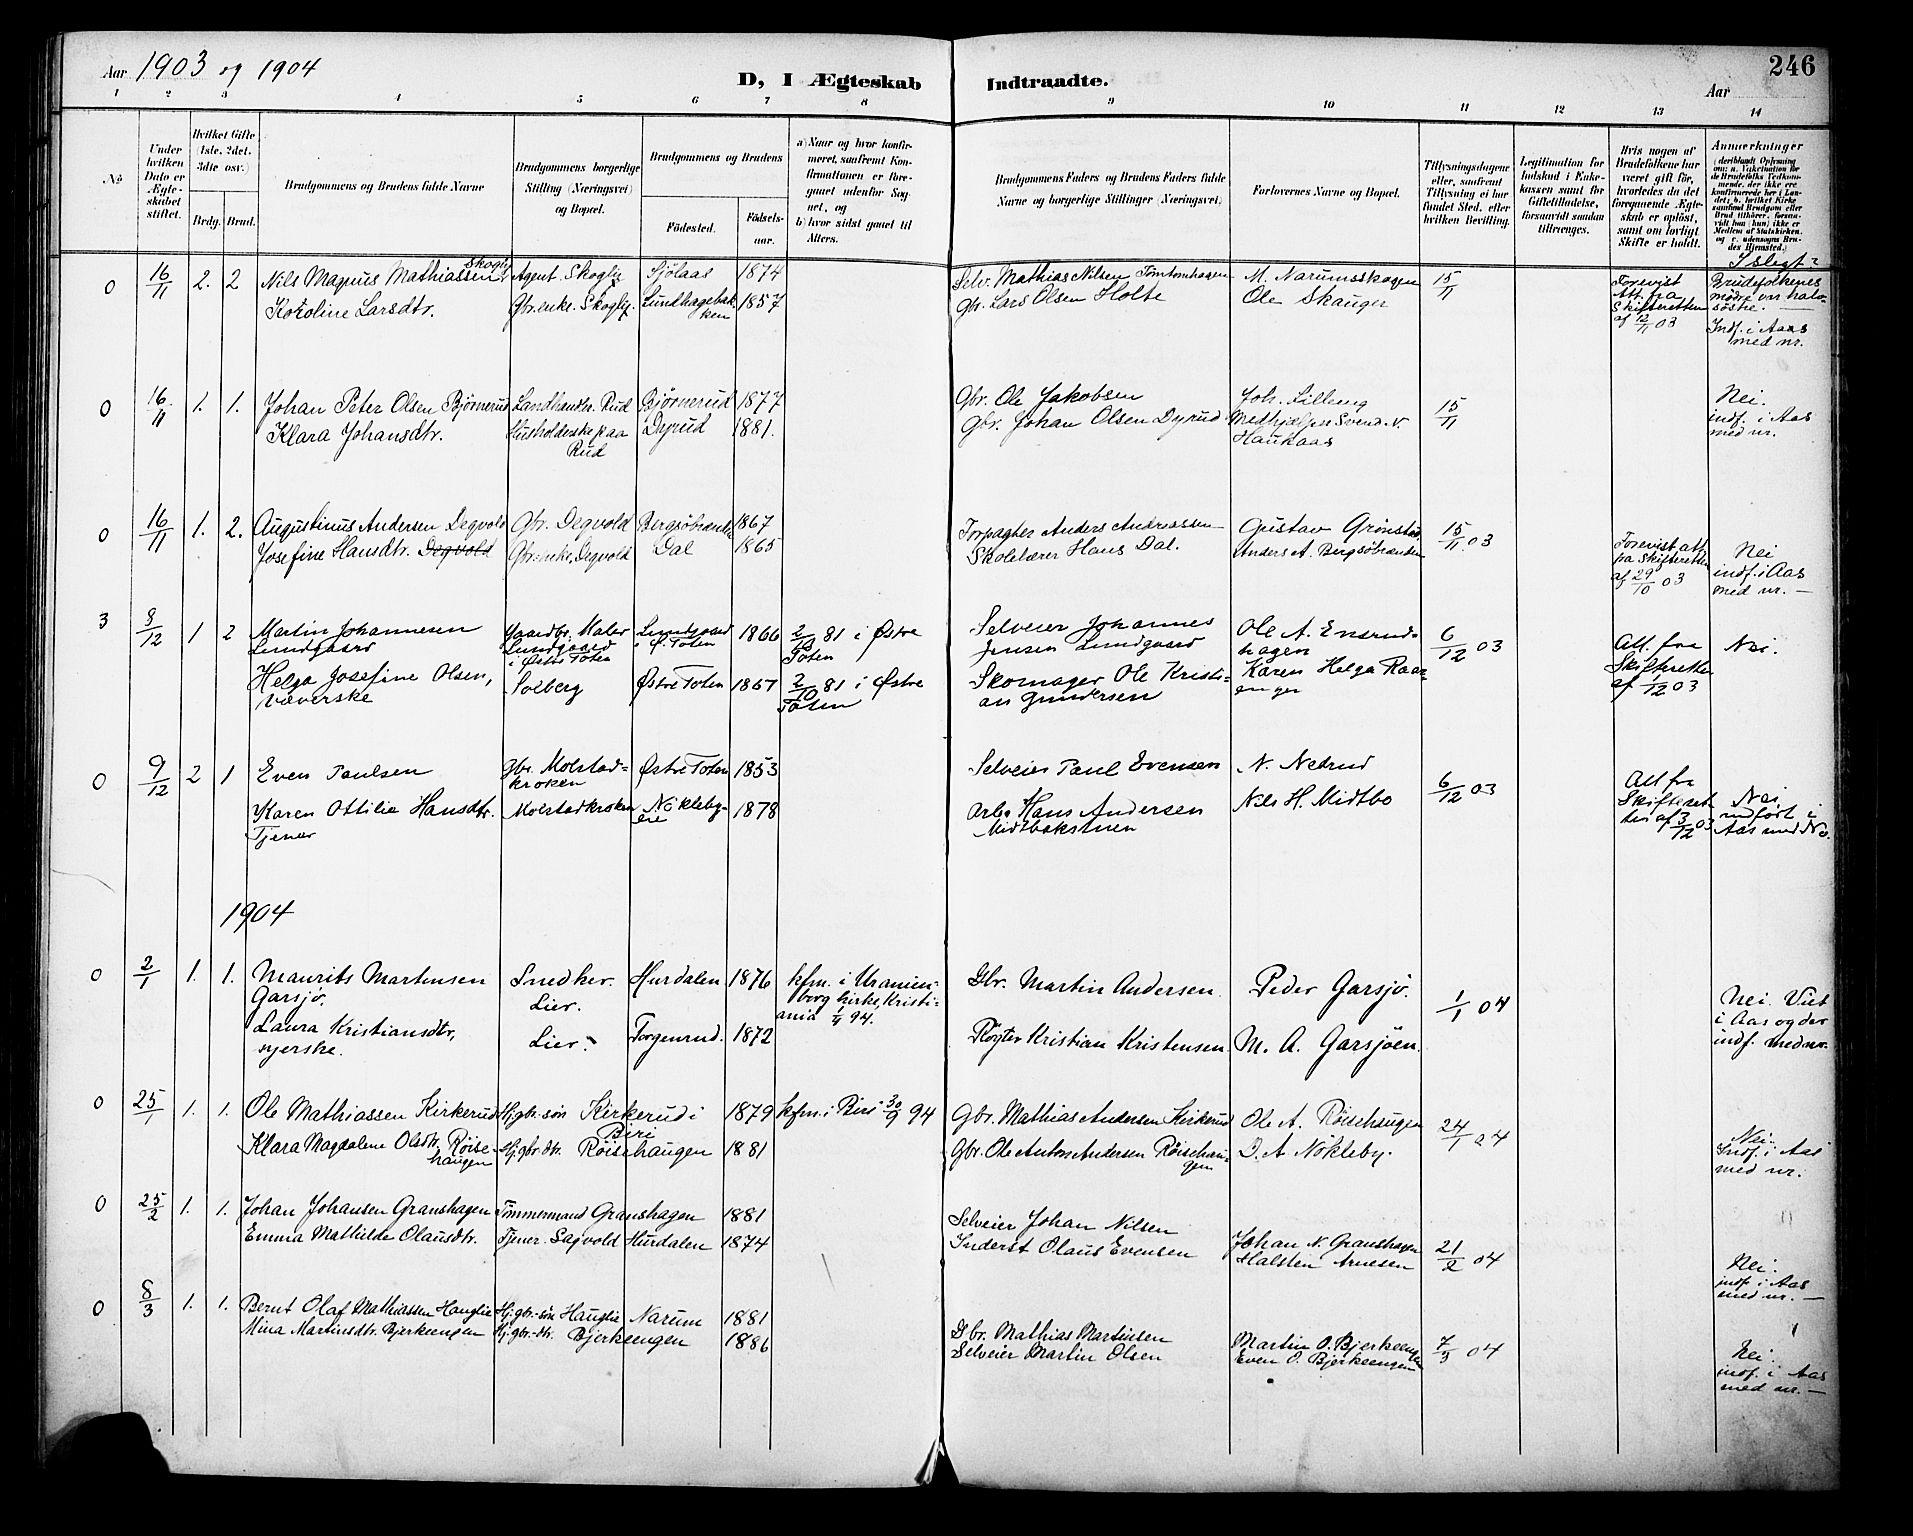 SAH, Vestre Toten prestekontor, Ministerialbok nr. 13, 1895-1911, s. 246